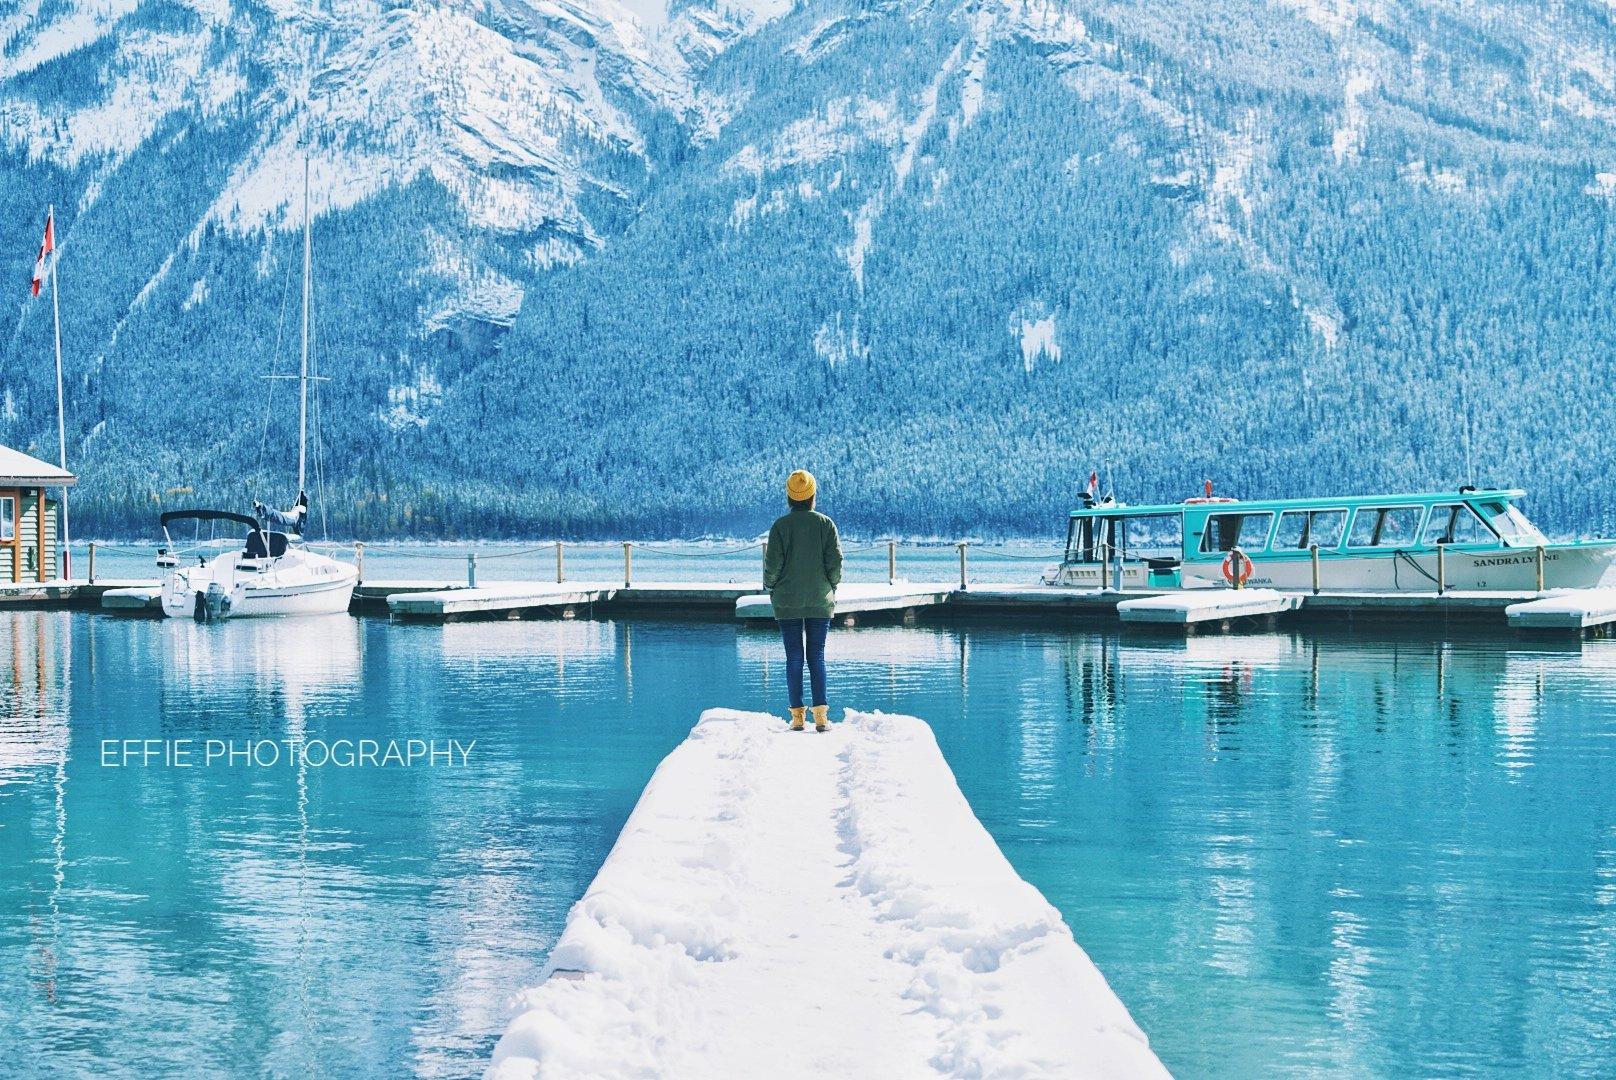 邂逅漫天大雪的加西班夫贾斯伯之旅(附旅行中高效的手机修图方法)